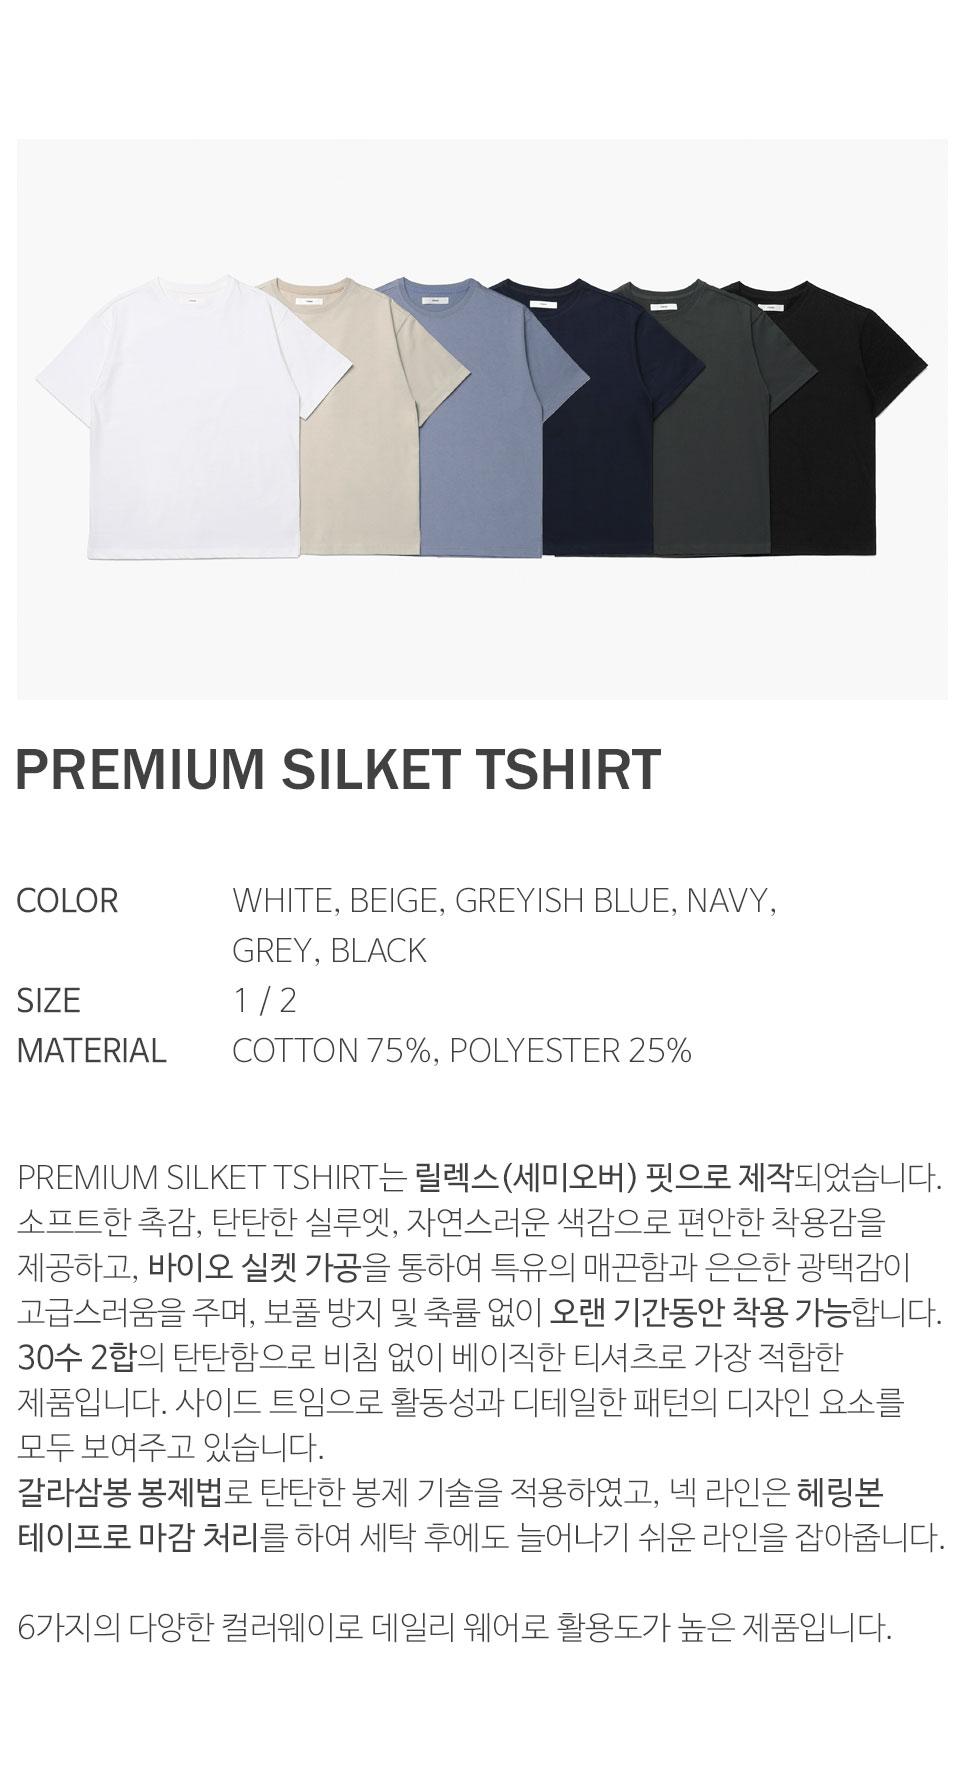 에노우(ENOU) 프리미엄 실켓 티셔츠_그레이시블루(EN2BMMT501A)